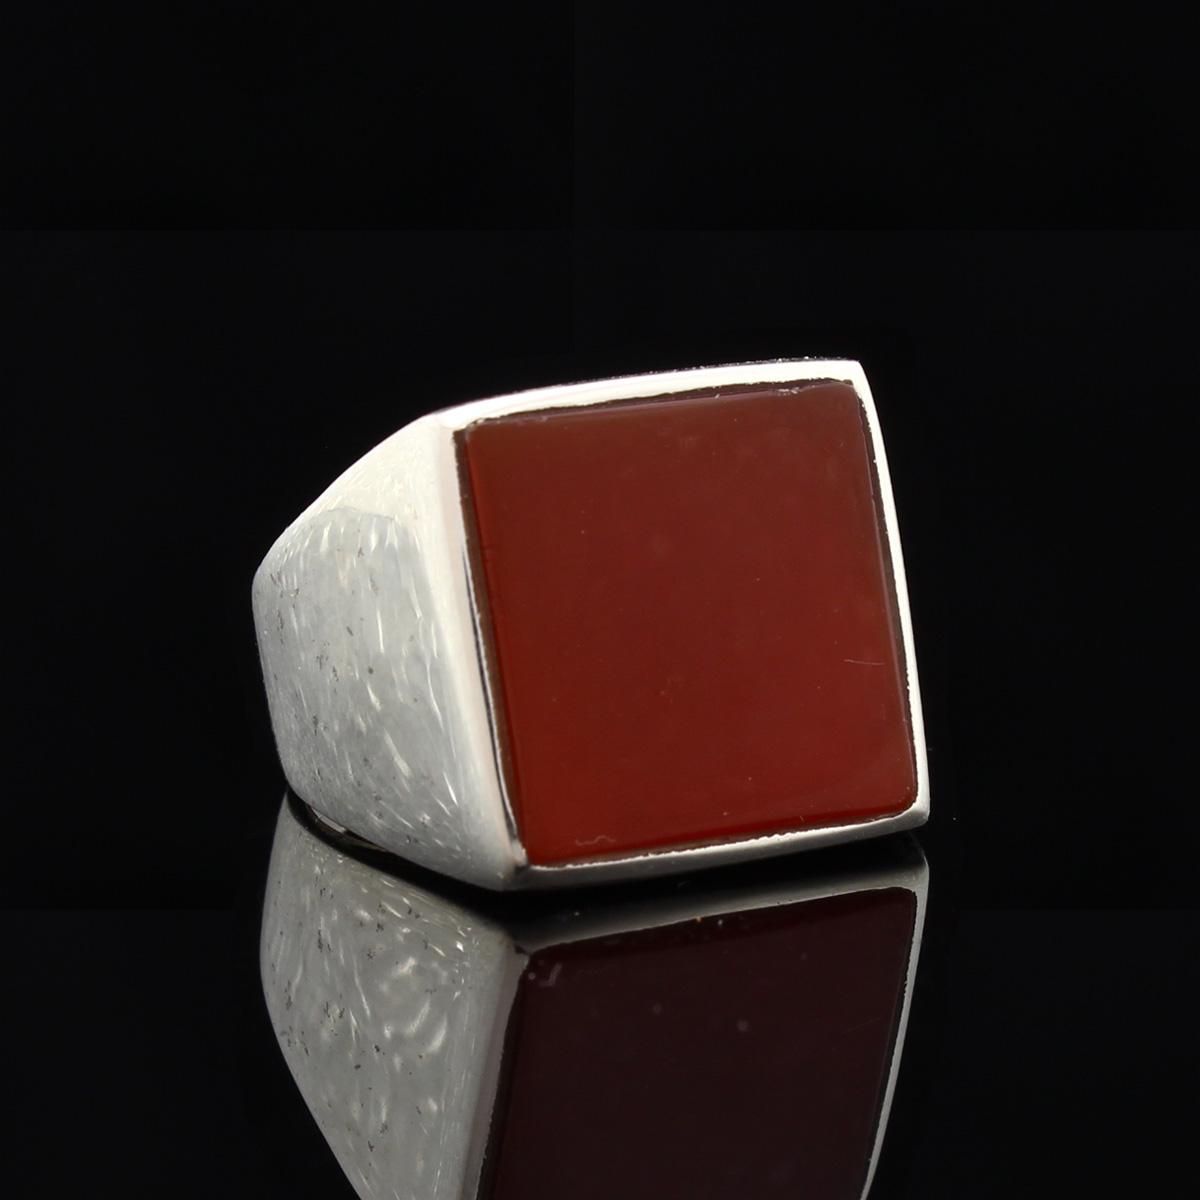 Кольцо, серебро, натуральный камень, Сердолик, 7.5 г, проба 875, размер 18